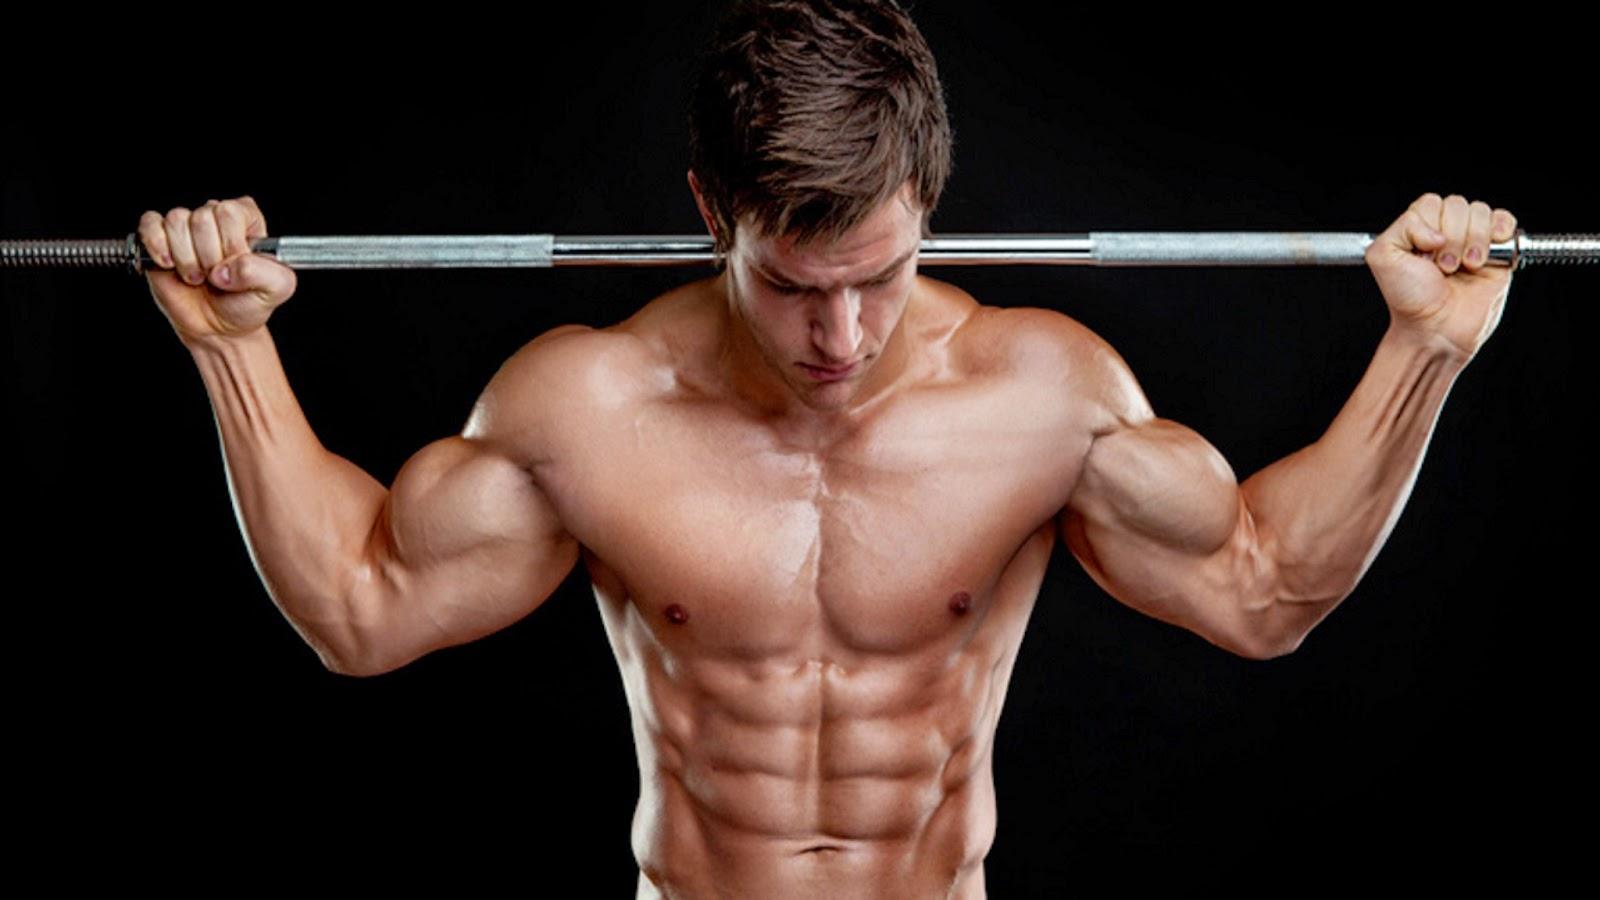 propionato de testosterona